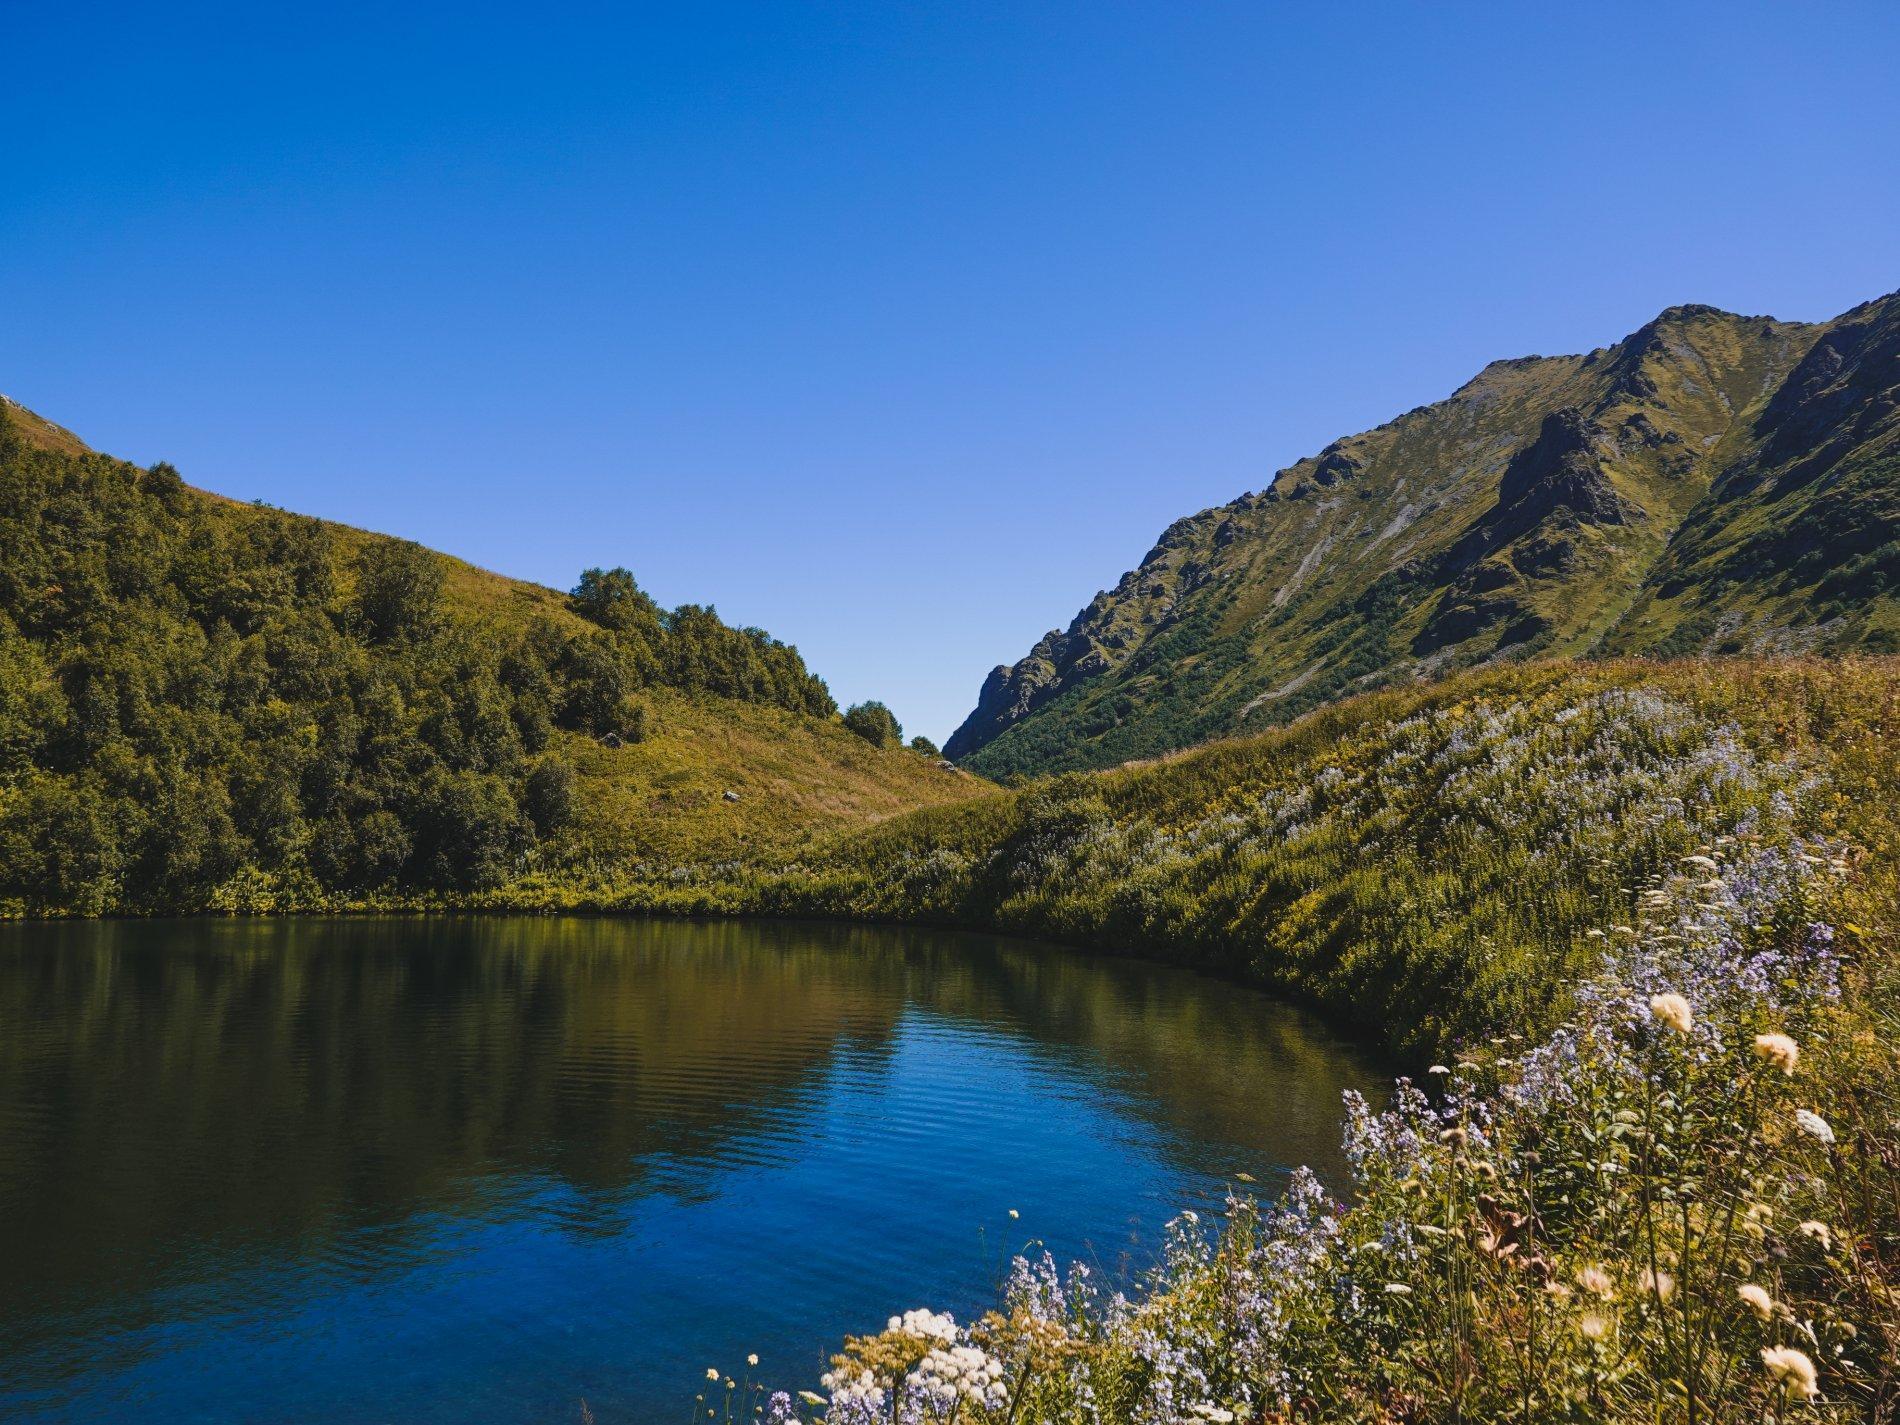 Так выглядело озеро год назад. Фото © Кавказский государственный природный биосферный заповедник имени Х.Г. Шапошникова